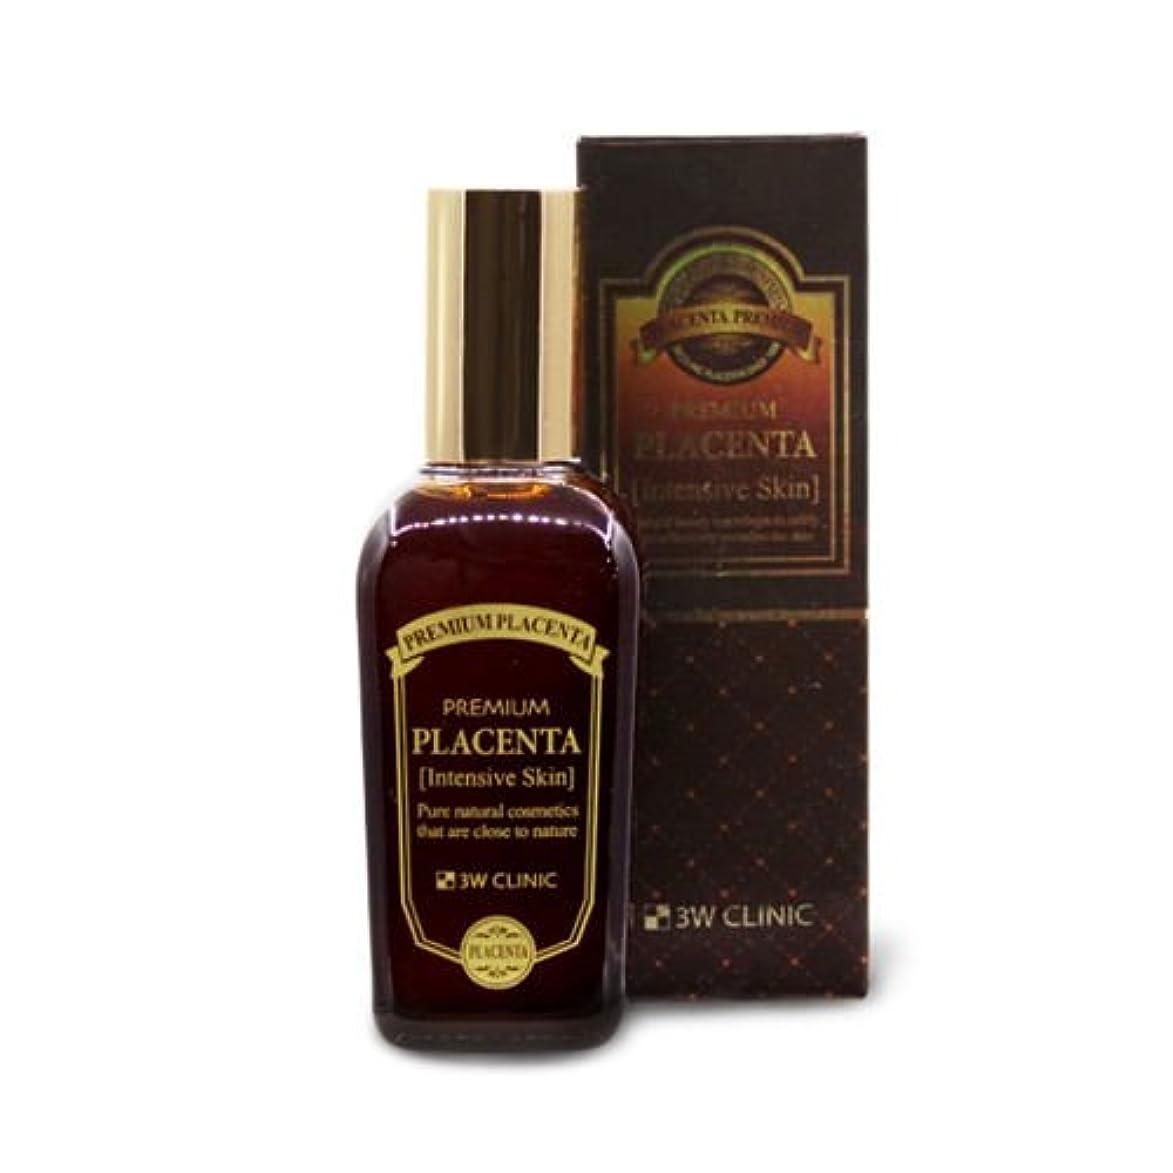 マイクロプロセッサスタック第二に3Wクリニック[韓国コスメ3w Clinic]Premium Placenta Intensive Skin プレミアムプラセンタインテンシブスキン145ml[並行輸入品]